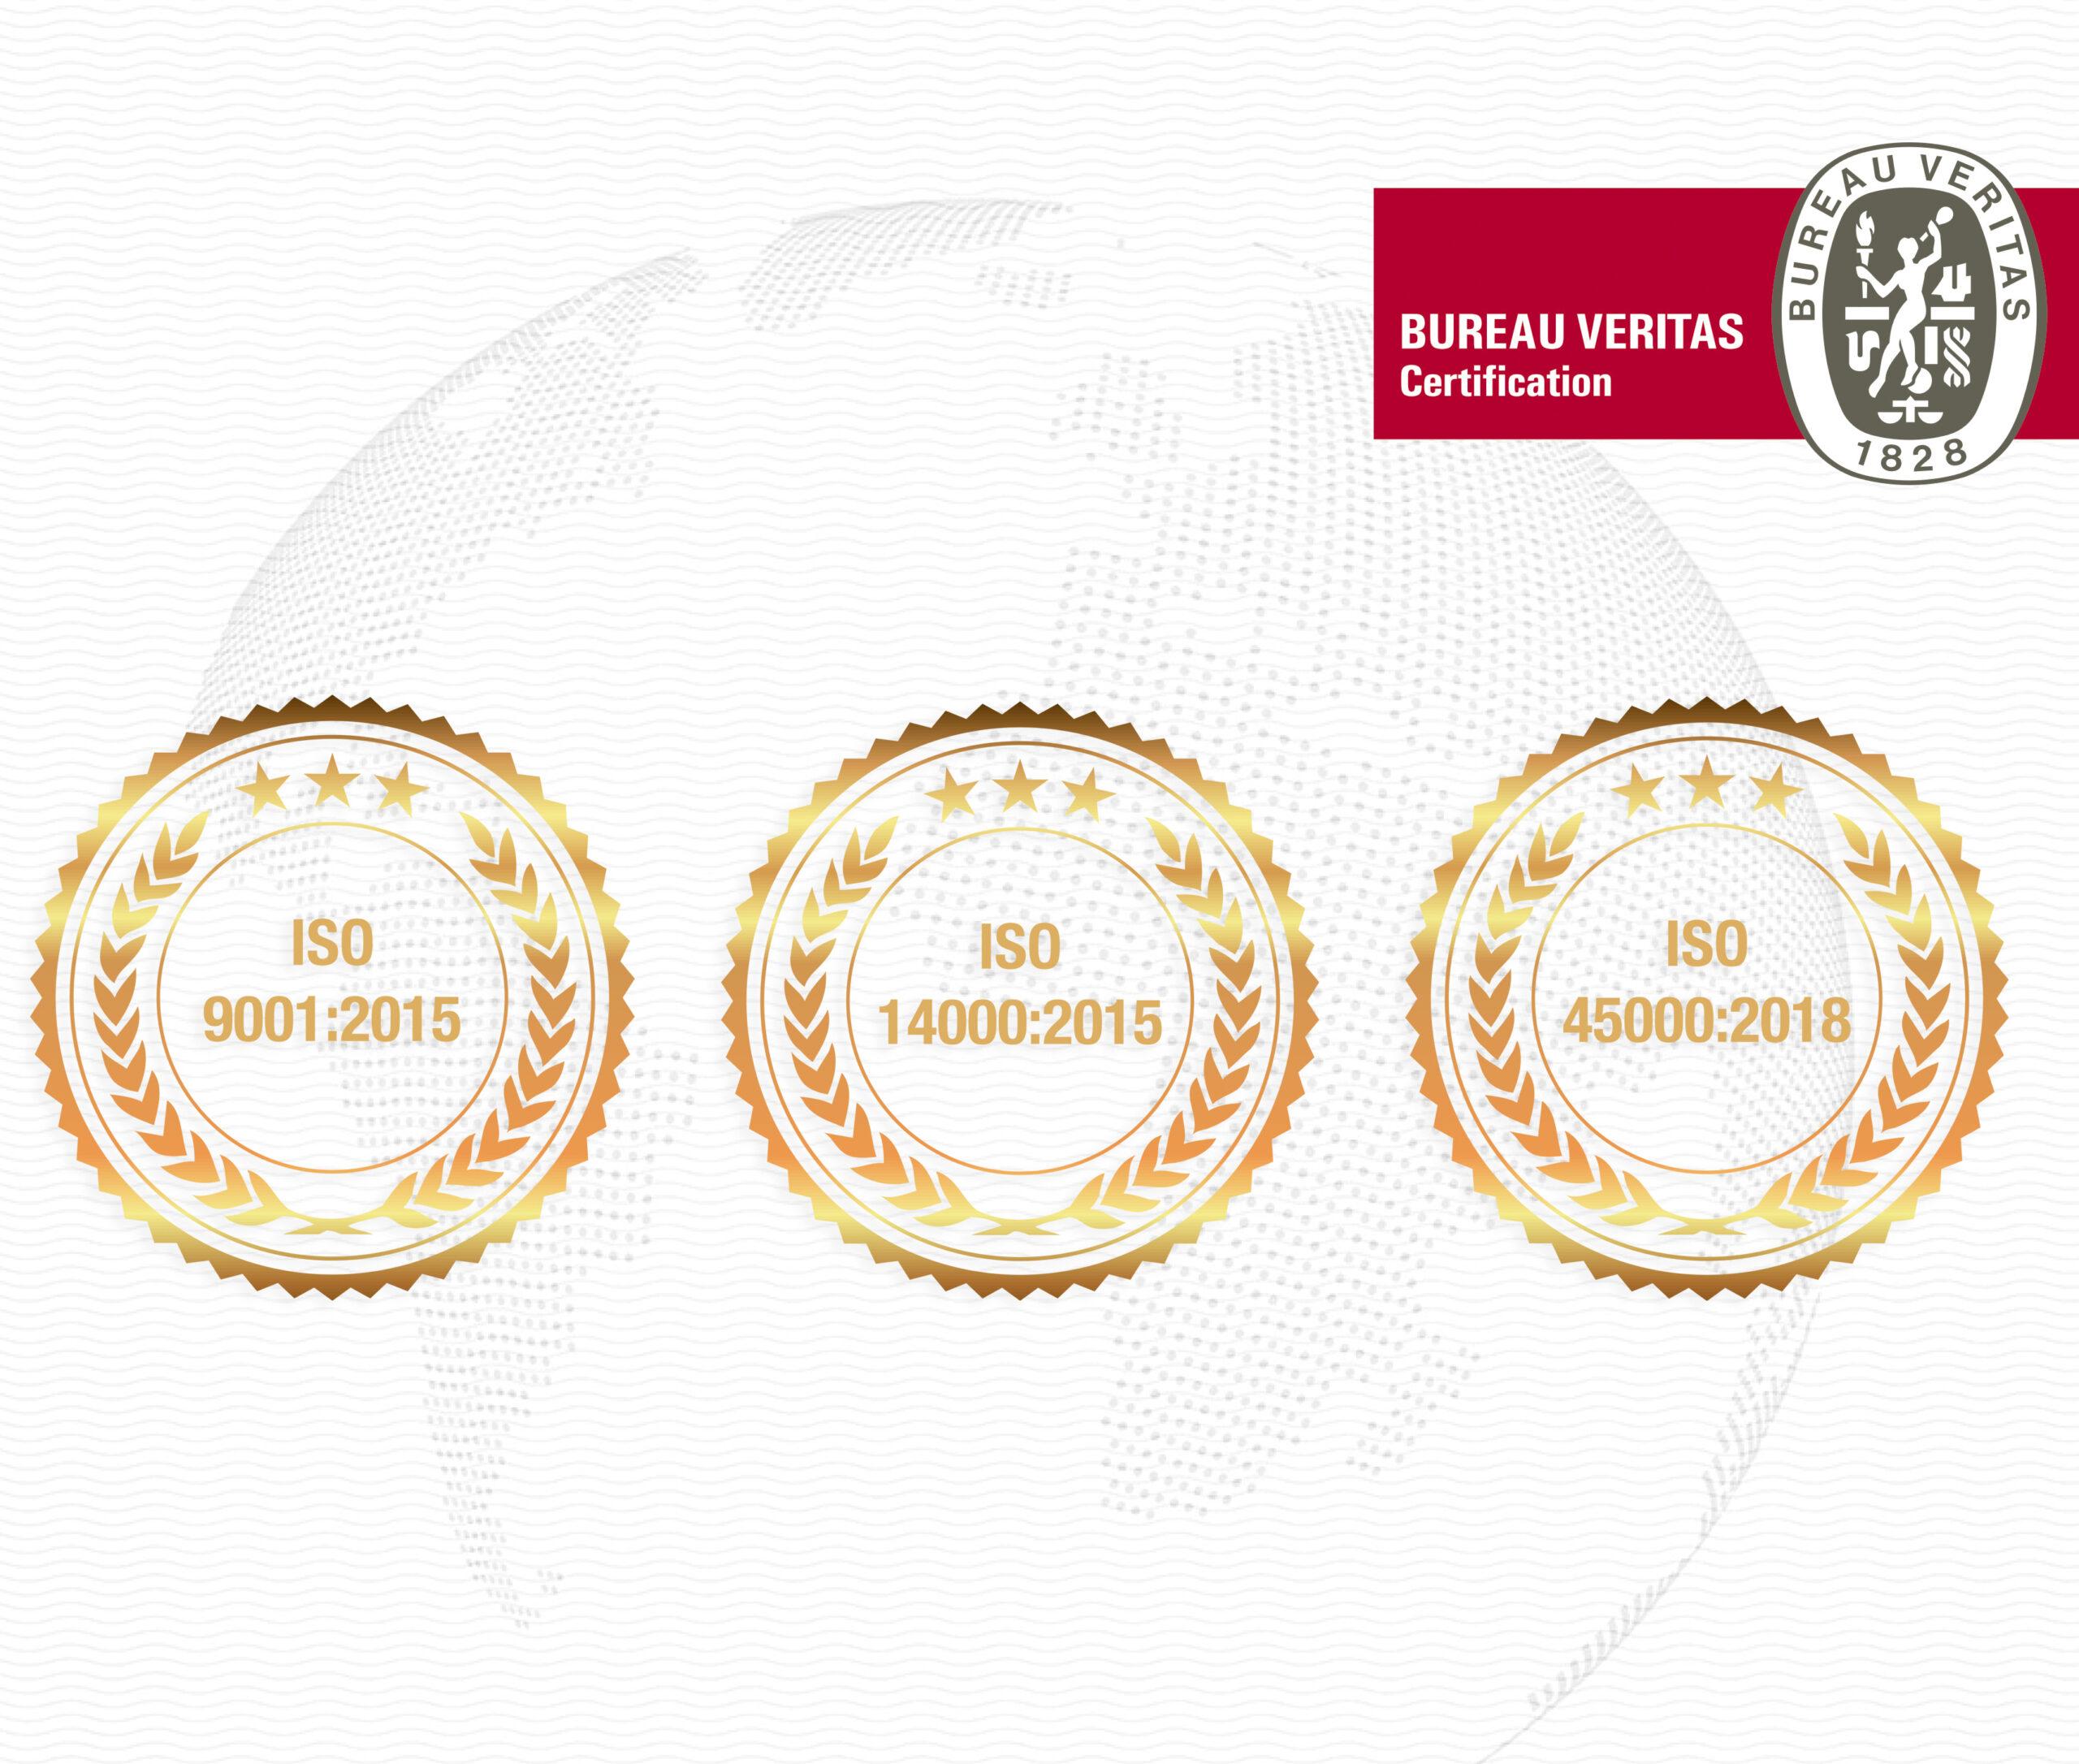 SGI: conheça as certificações que atestam a qualidade das operações